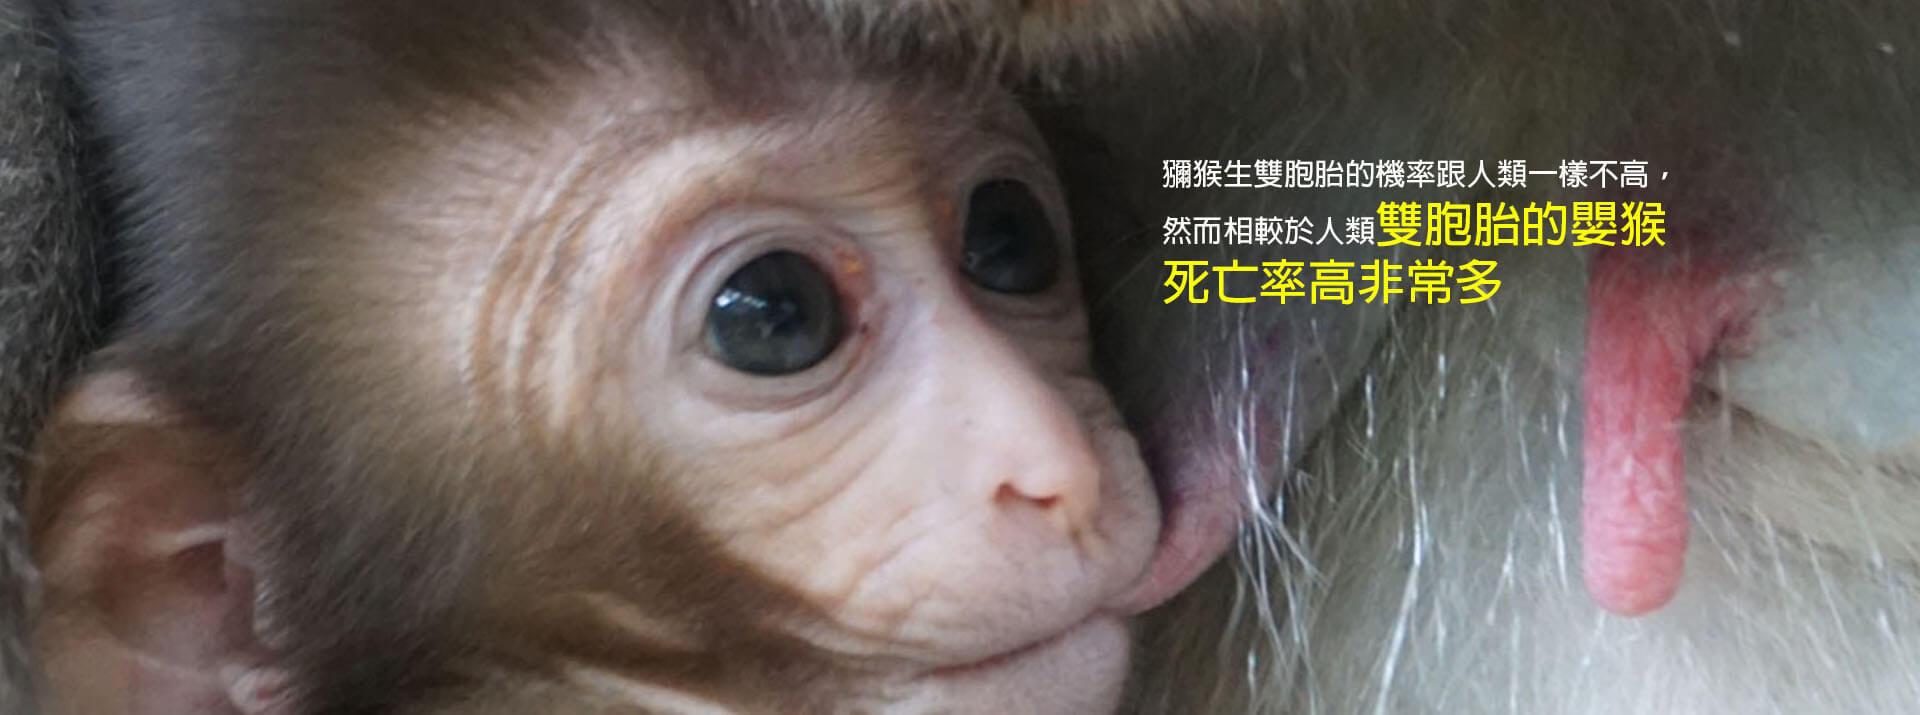 獼猴的數量成謎-吃得多會排便多-但不會生比較多